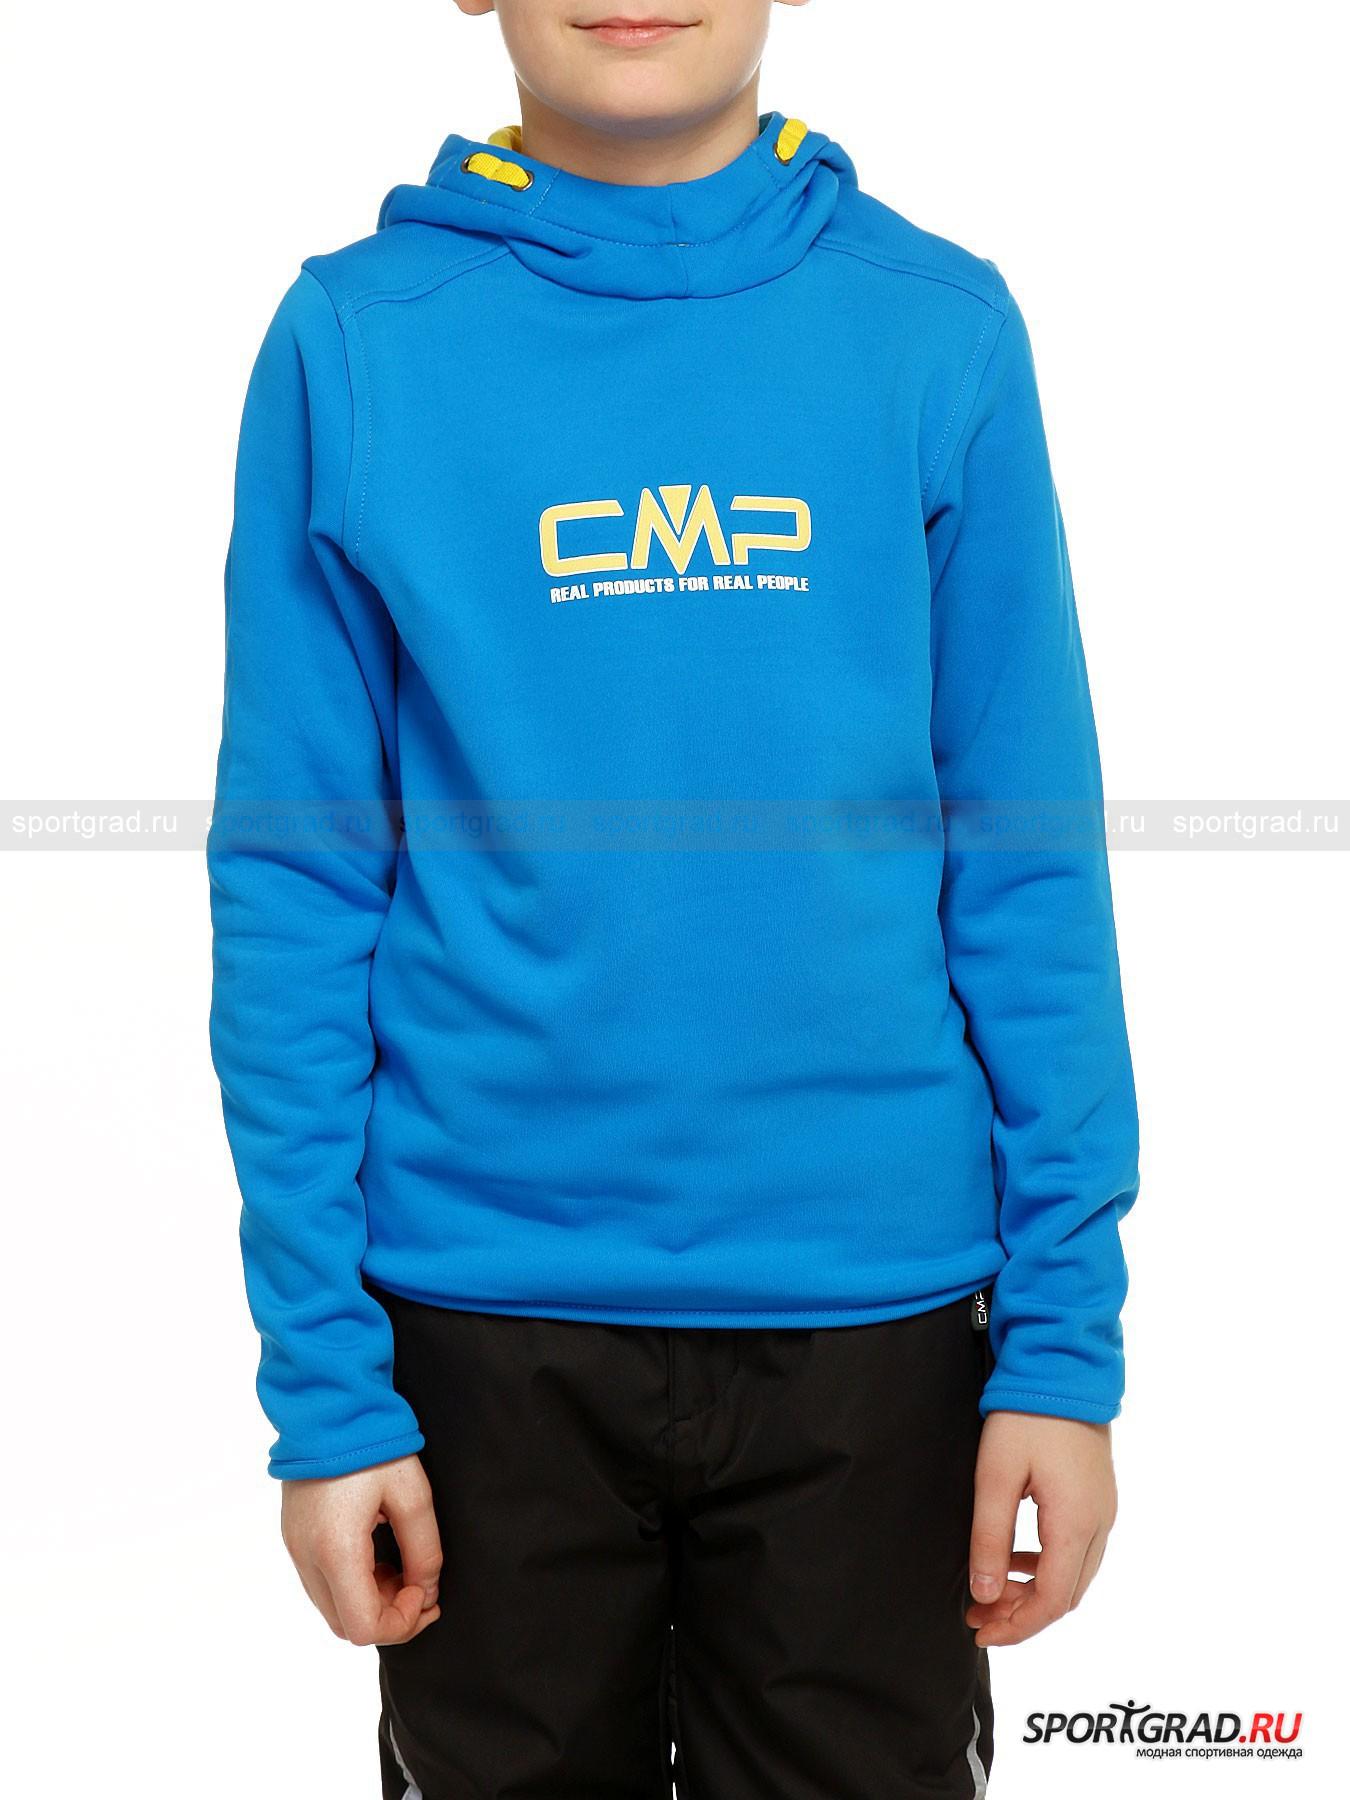 Толстовка для мальчиков  BOY SWEAT FIX HOOD CAMPAGNOLOТолстовки<br>Оригинальный крой, функциональные материалы и превосходное качество исполнения – вот то, чем может похвастаться одежда итальянской марки CMP. Эта модель выполнена из функциональной дышащей ткани CMP ARCTIC FLEECE STRETCH PERFORMANCE, которая с внешней стороны напоминает мягкий неопрен, а с внутренней приятный для кожи флис. Материал ARCTIC FLEECE STRETCH хорошо тянется, имеет лёгкий вес, быстро высыхает и отлично сохраняет тепло, а ещё он быстро отводит влагу и испарения наружу. Толстовка имеет тёплый двойной капюшон, тонкие неопреновые манжеты и украшена принтом с эмблемой CMP на груди.<br><br>Возраст: Детский<br>Тип: Толстовки<br>Рекомендации по уходу: Деликатная ручная стирка при температуре 30 градусов, щадящий ручной отжим.<br>Состав: 100% полиэстер